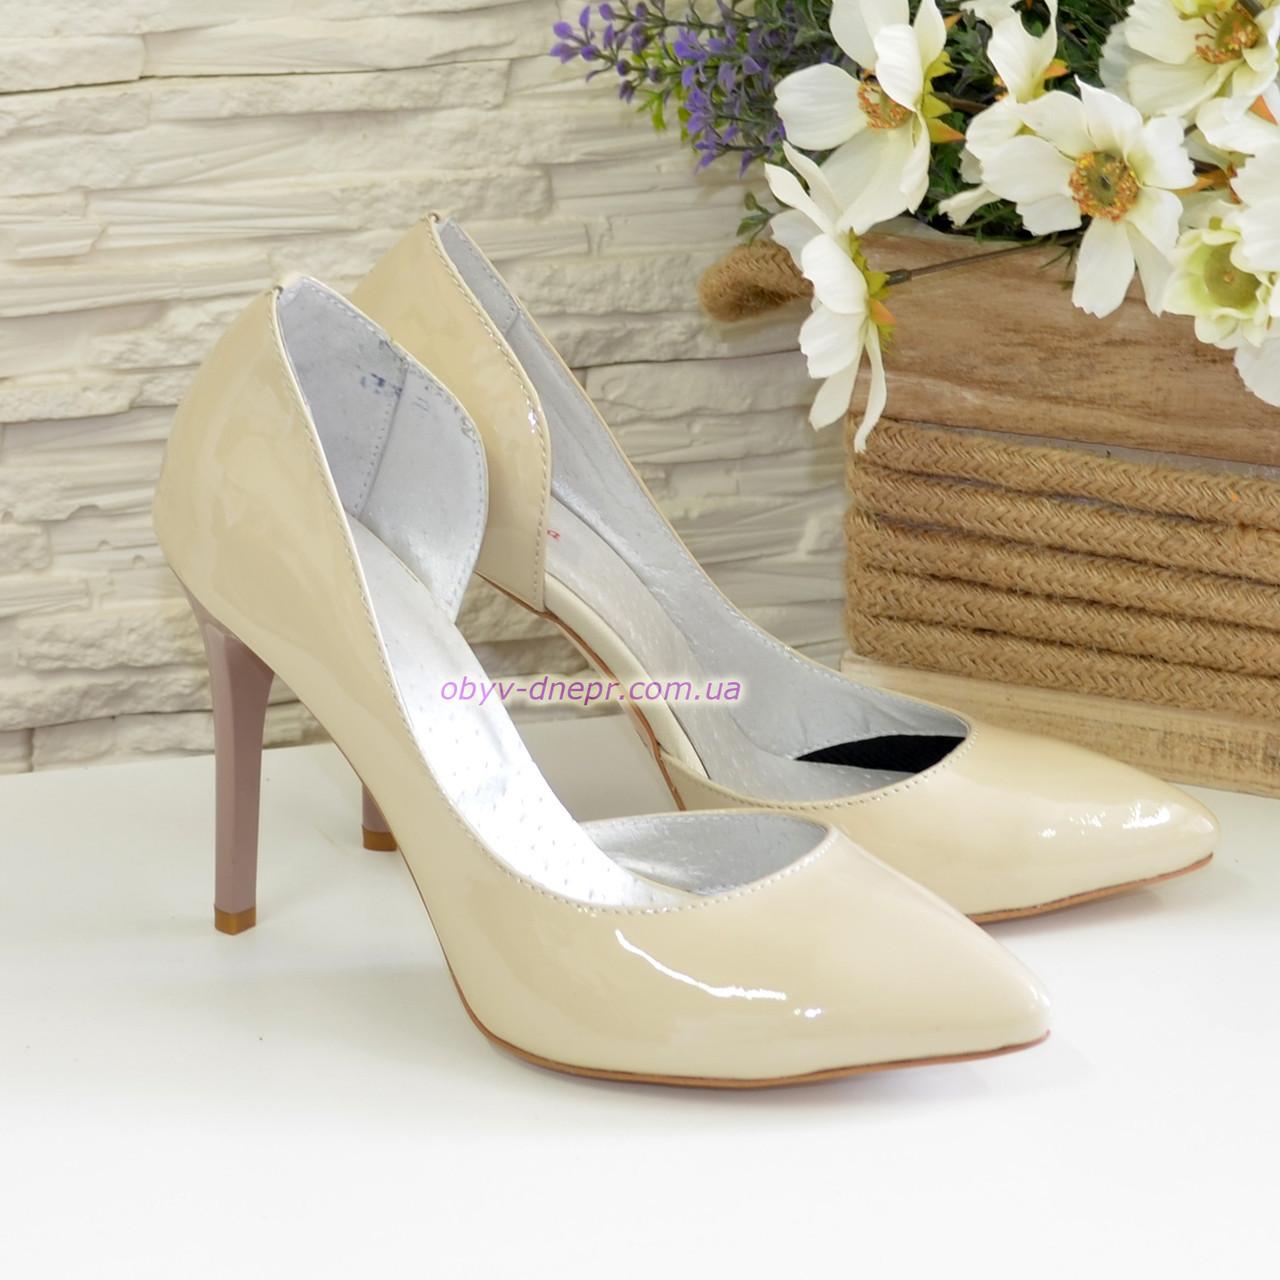 Женские лаковые туфли на шпильке, цвет бежевый